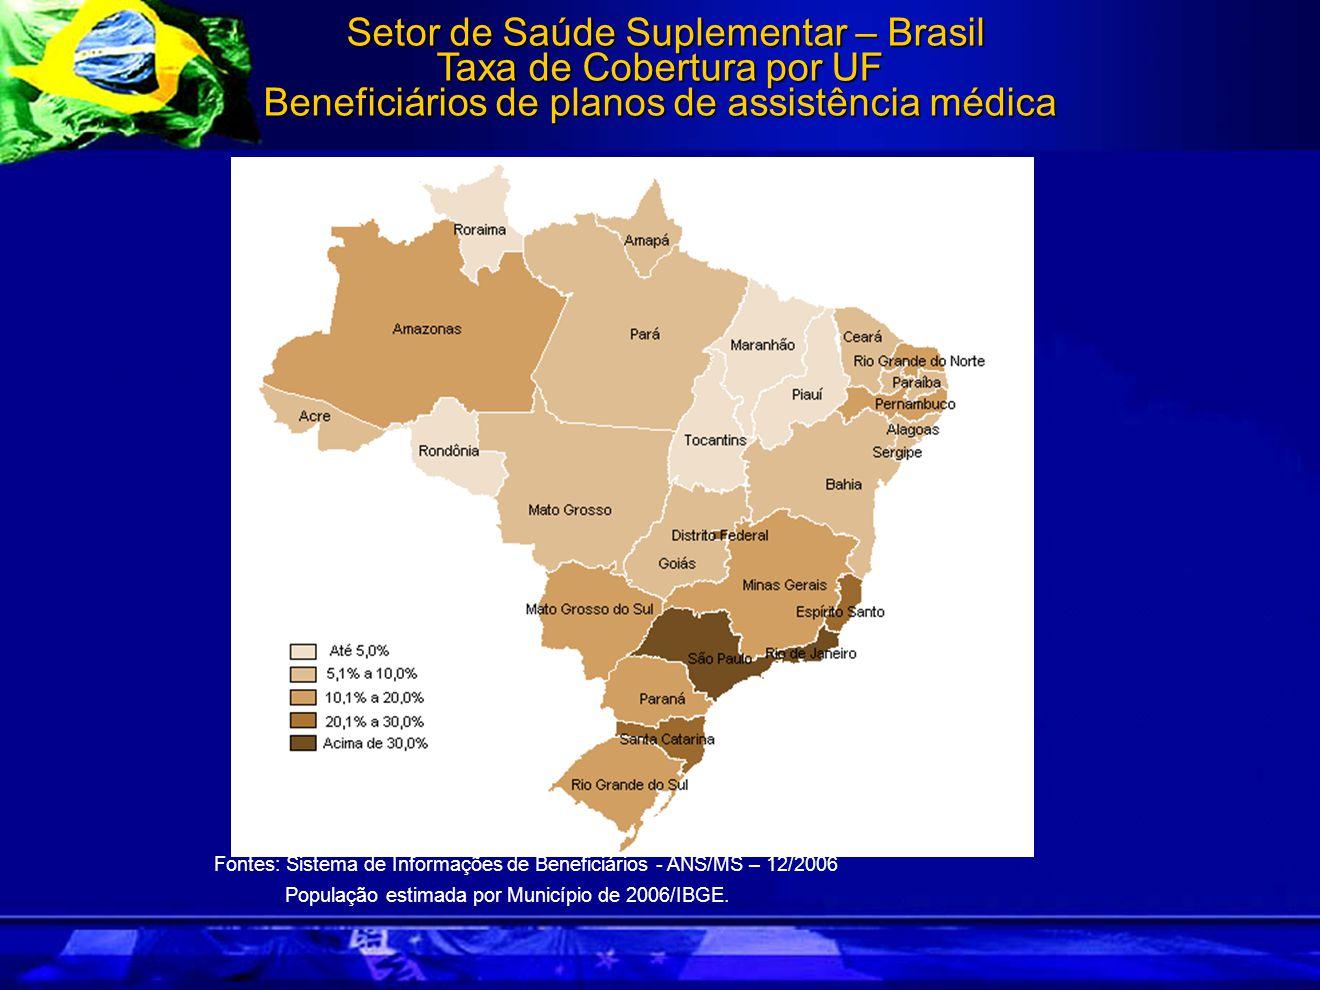 Setor de Saúde Suplementar – Brasil Taxa de Cobertura por UF Beneficiários de planos de assistência médica Setor de Saúde Suplementar – Brasil Taxa de Cobertura por UF Beneficiários de planos de assistência médica Fontes: Sistema de Informações de Beneficiários - ANS/MS – 12/2006 População estimada por Município de 2006/IBGE.